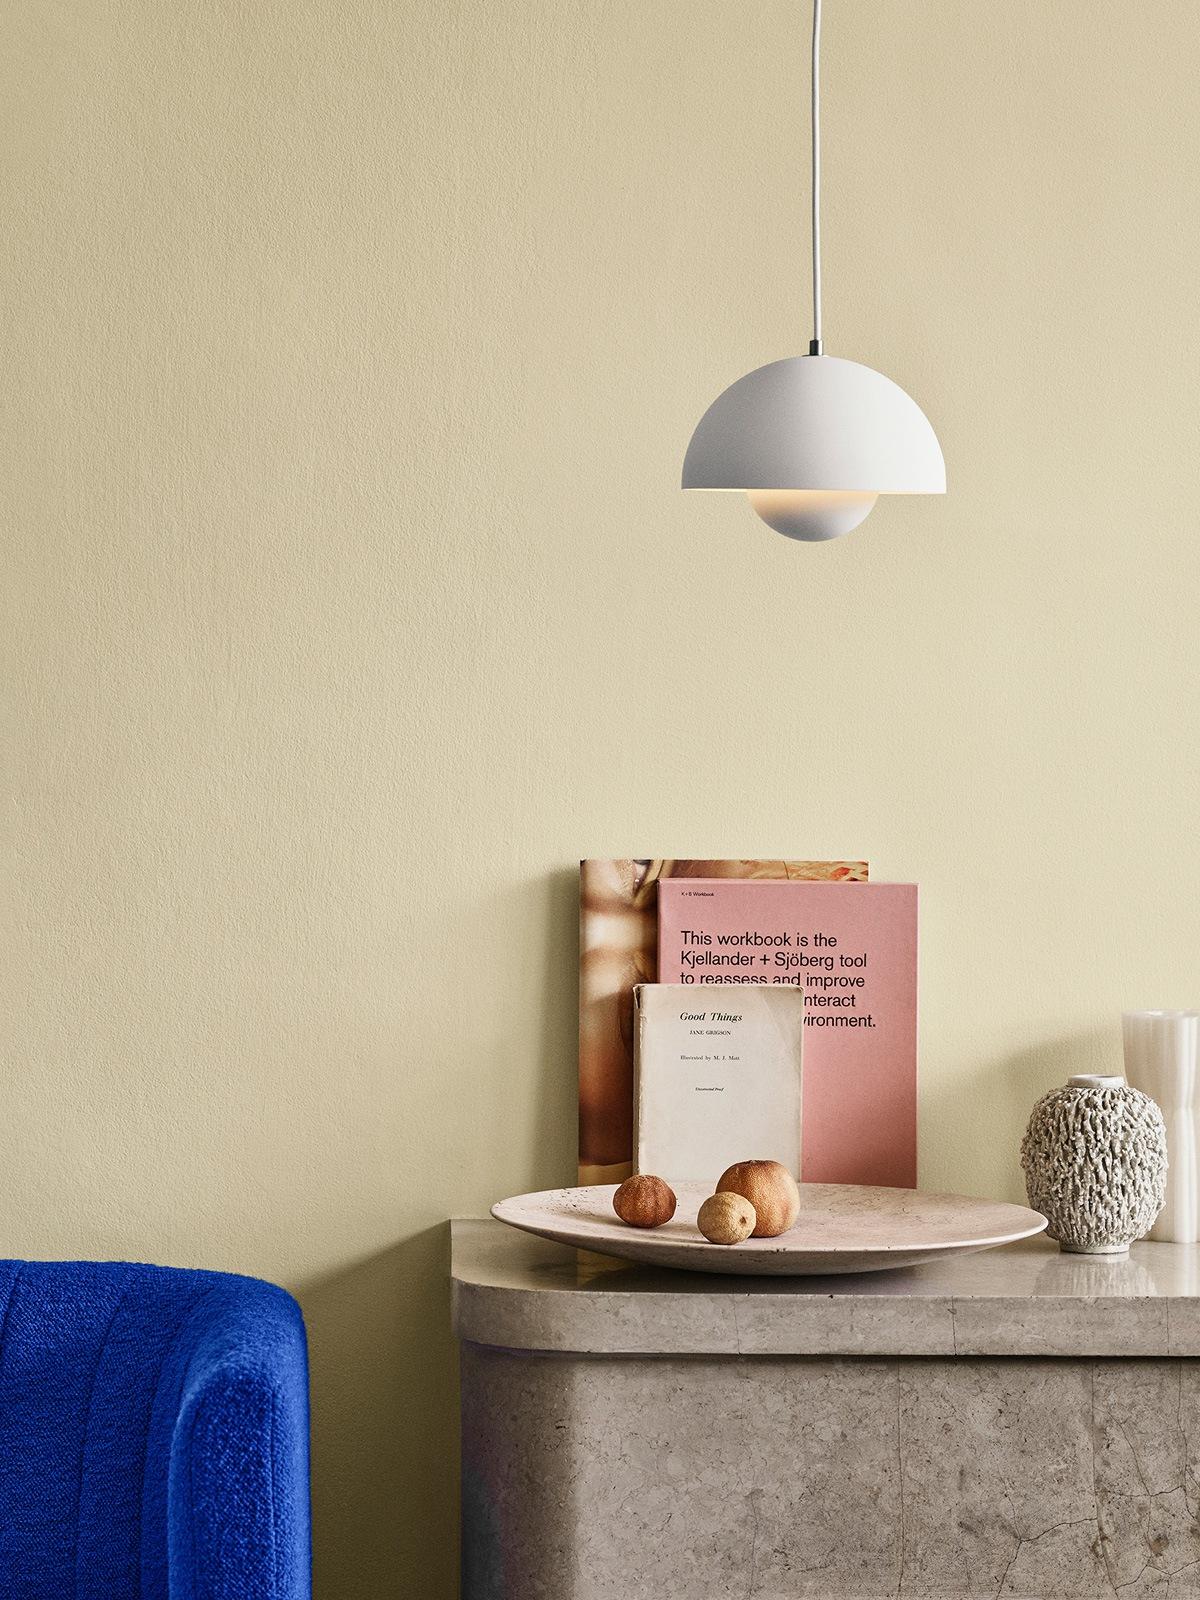 Flowerpot VP 1 Mattweiß &tradition Designerleuchte DesignOrt Onlineshop Lampen Berlin